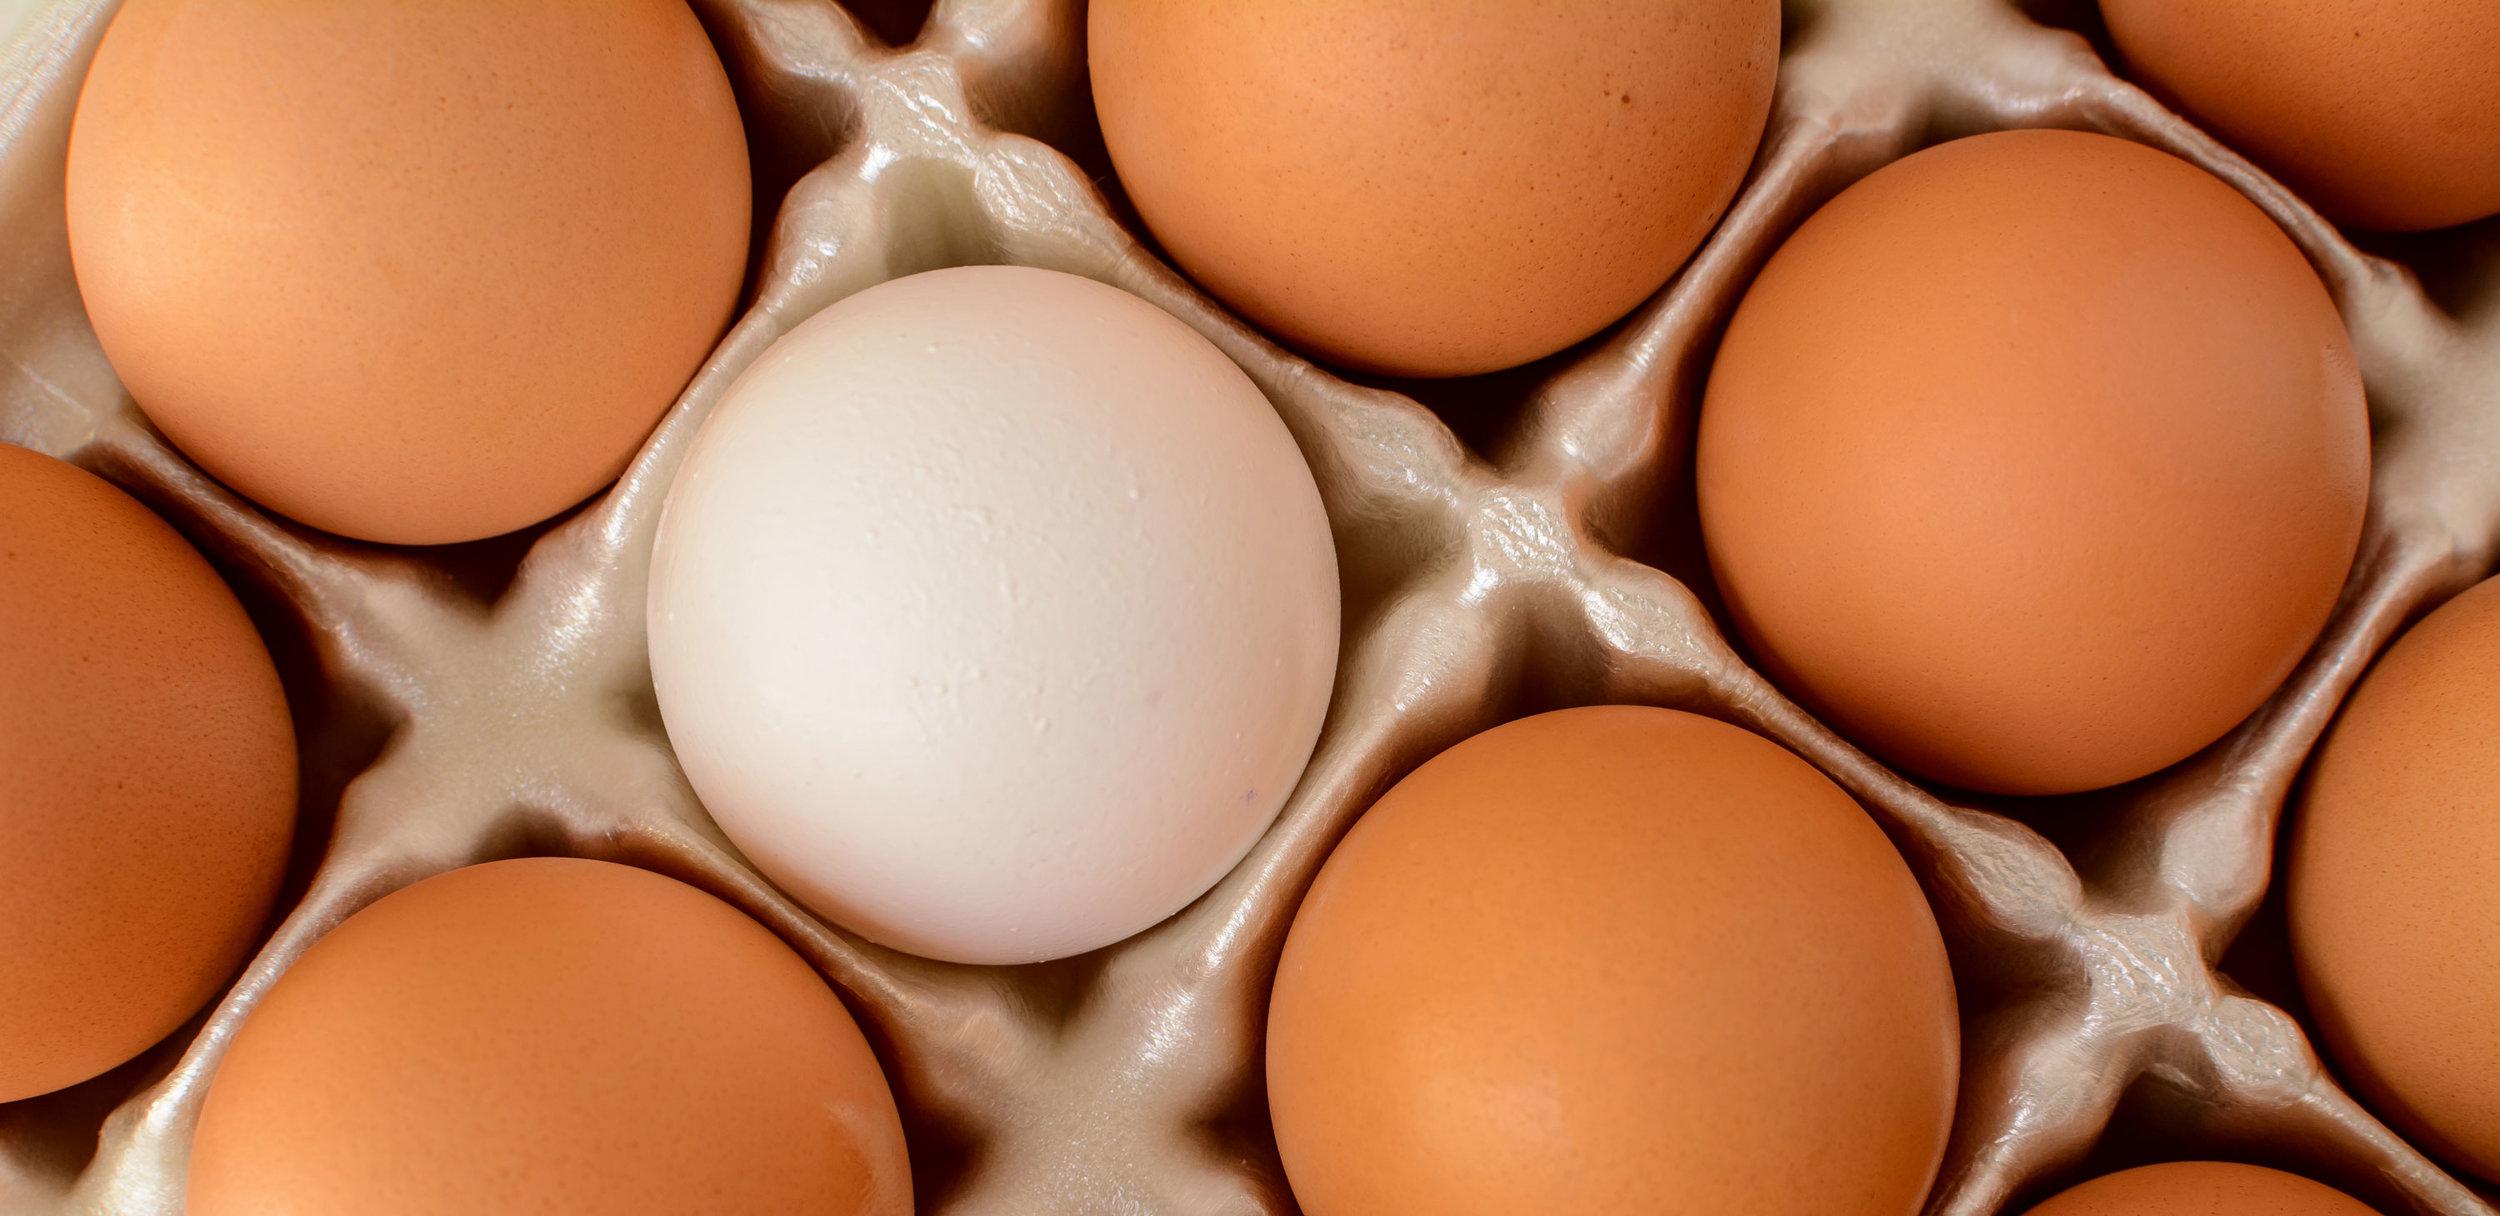 eggsHeader.jpg